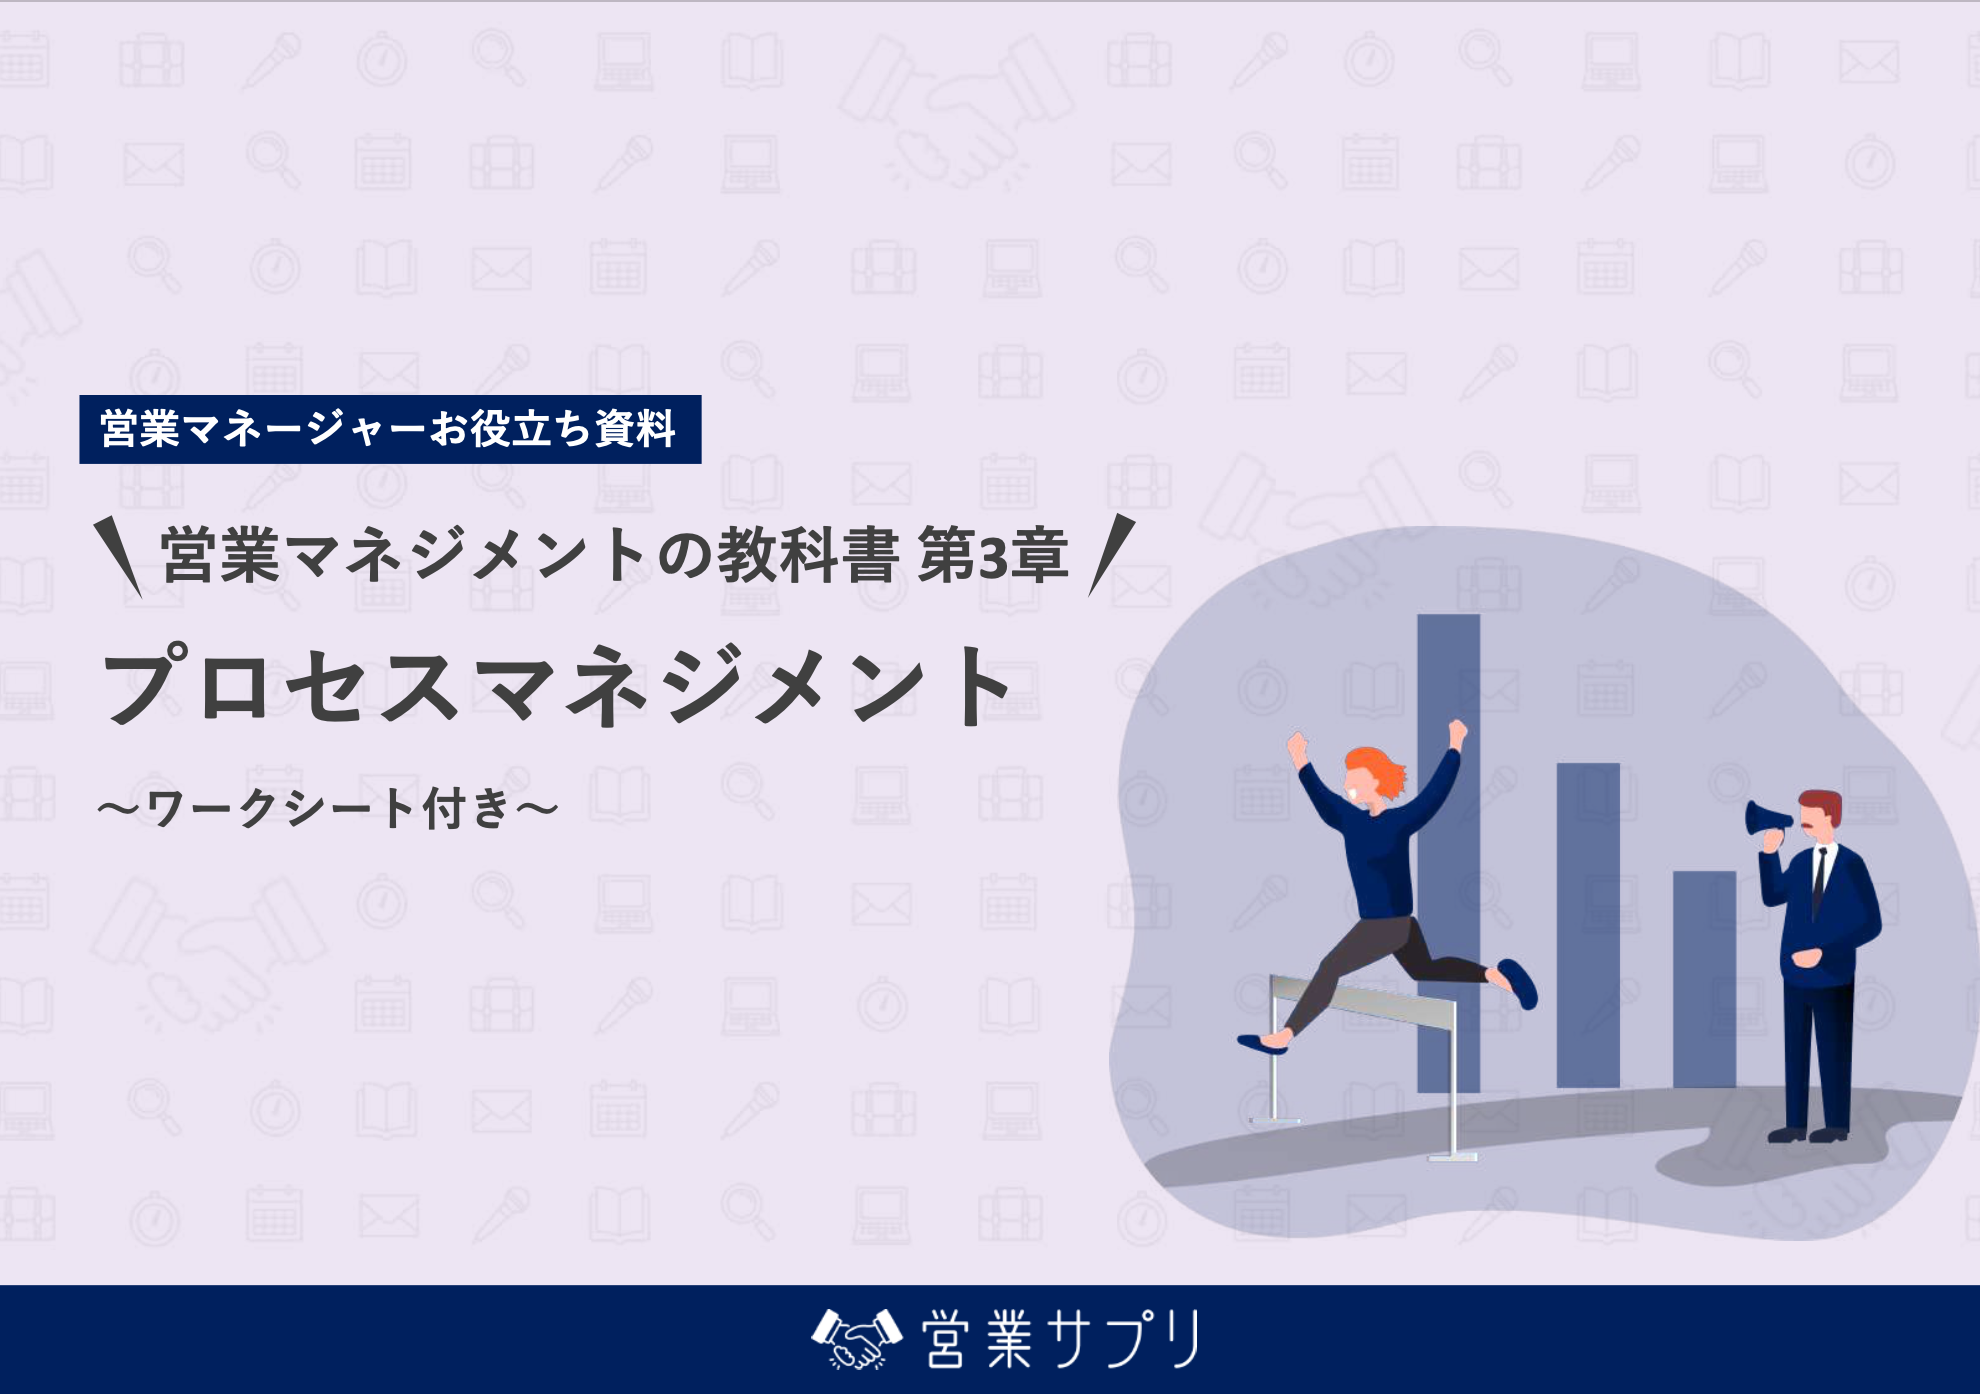 営業マネジメントの教科書 第3章 プロセスマネジメント